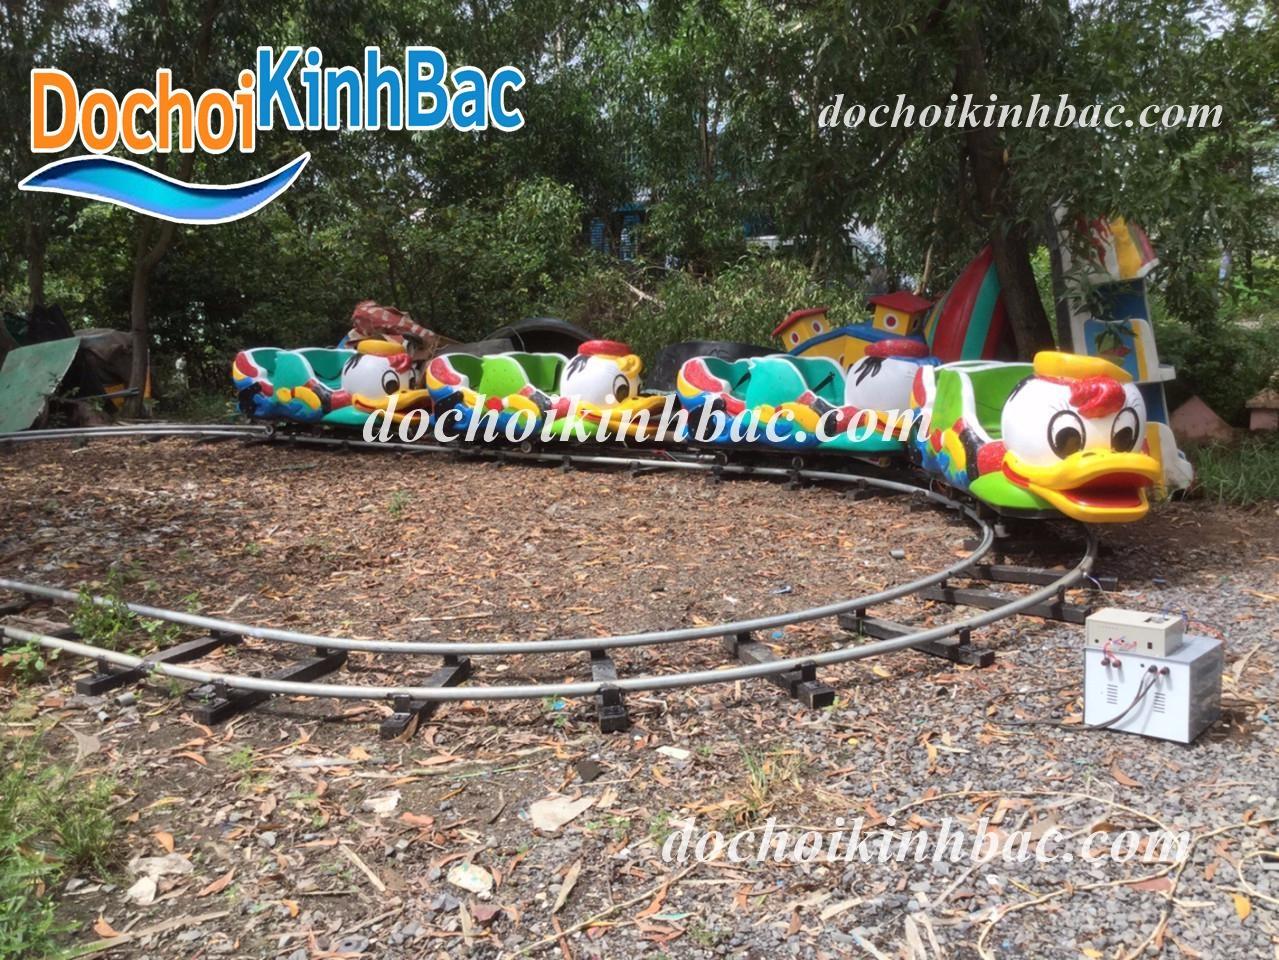 Hình ảnh Tàu điện - xe lửa hình chú vịt Donald